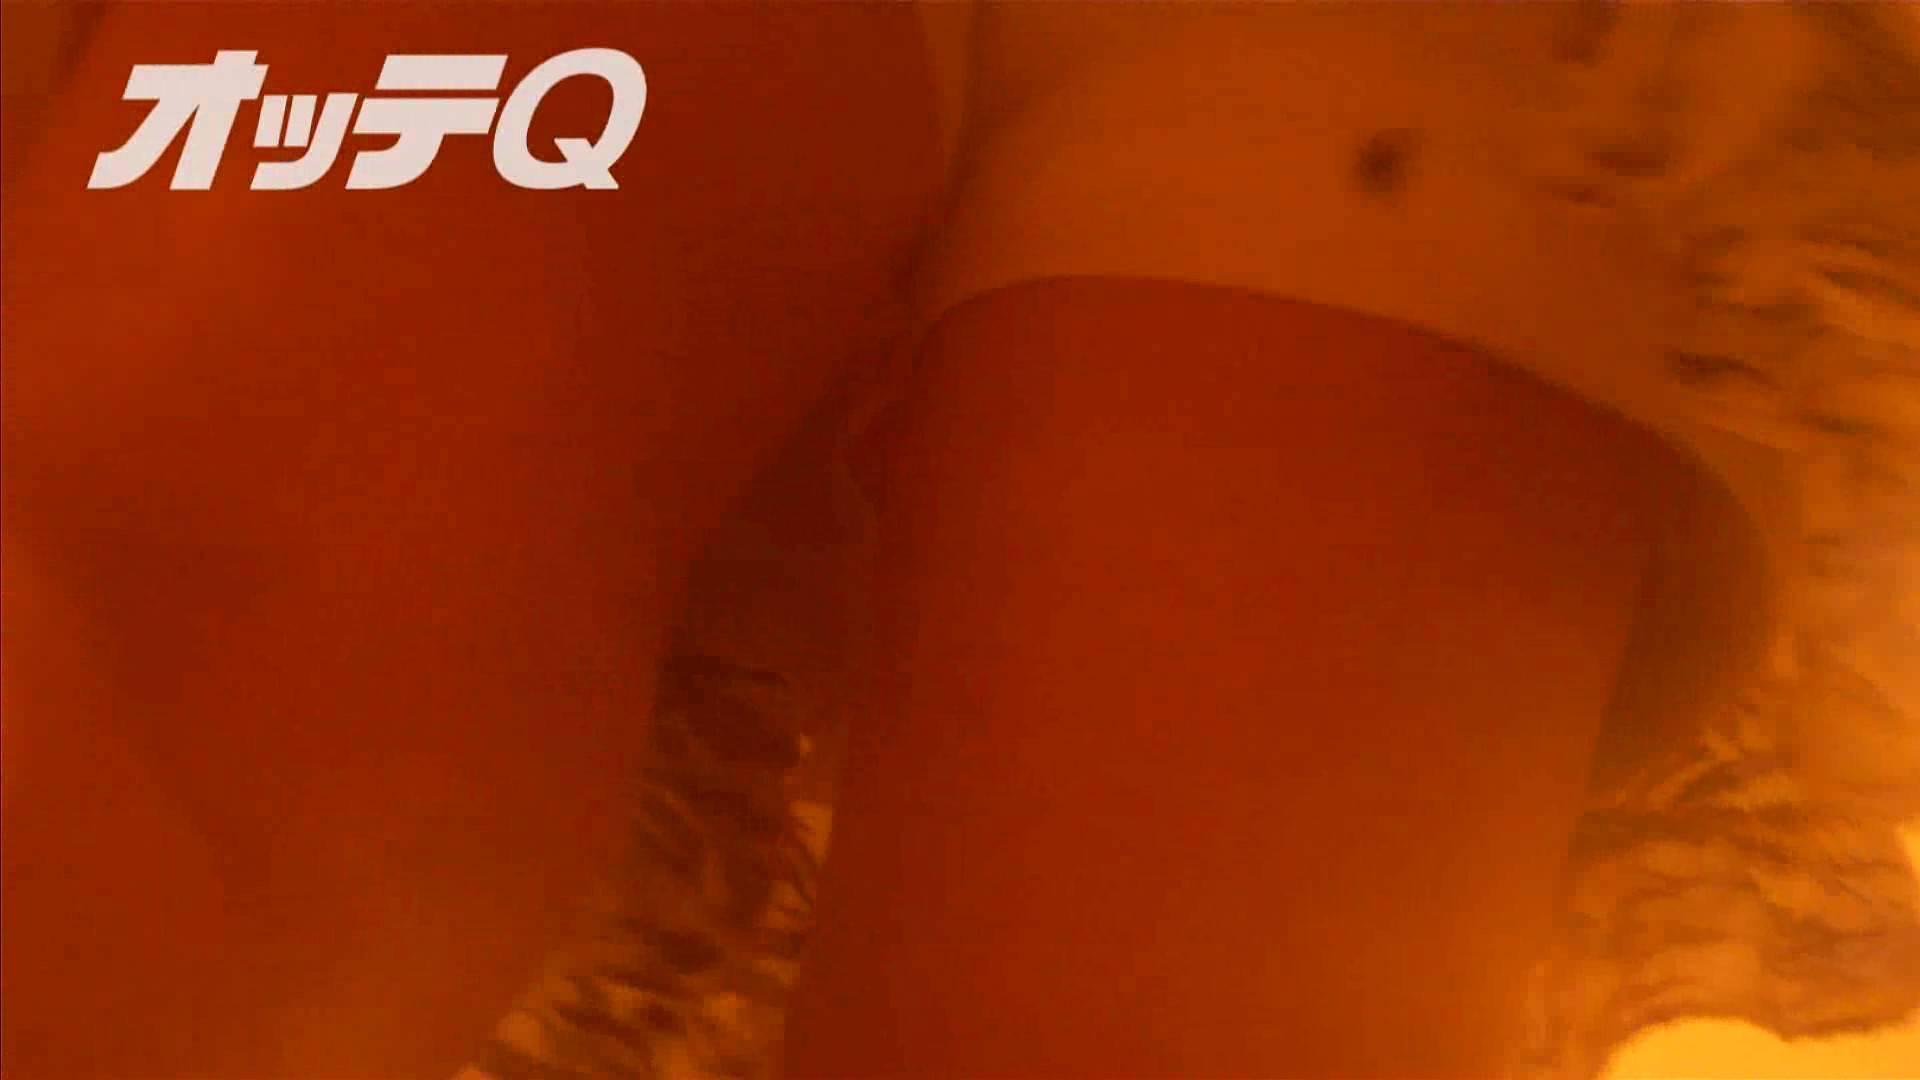 ハイビジョンパンチラ オッテQさんの追跡パンチラデパート編VOL.03 ギャル オメコ無修正動画無料 90pic 3